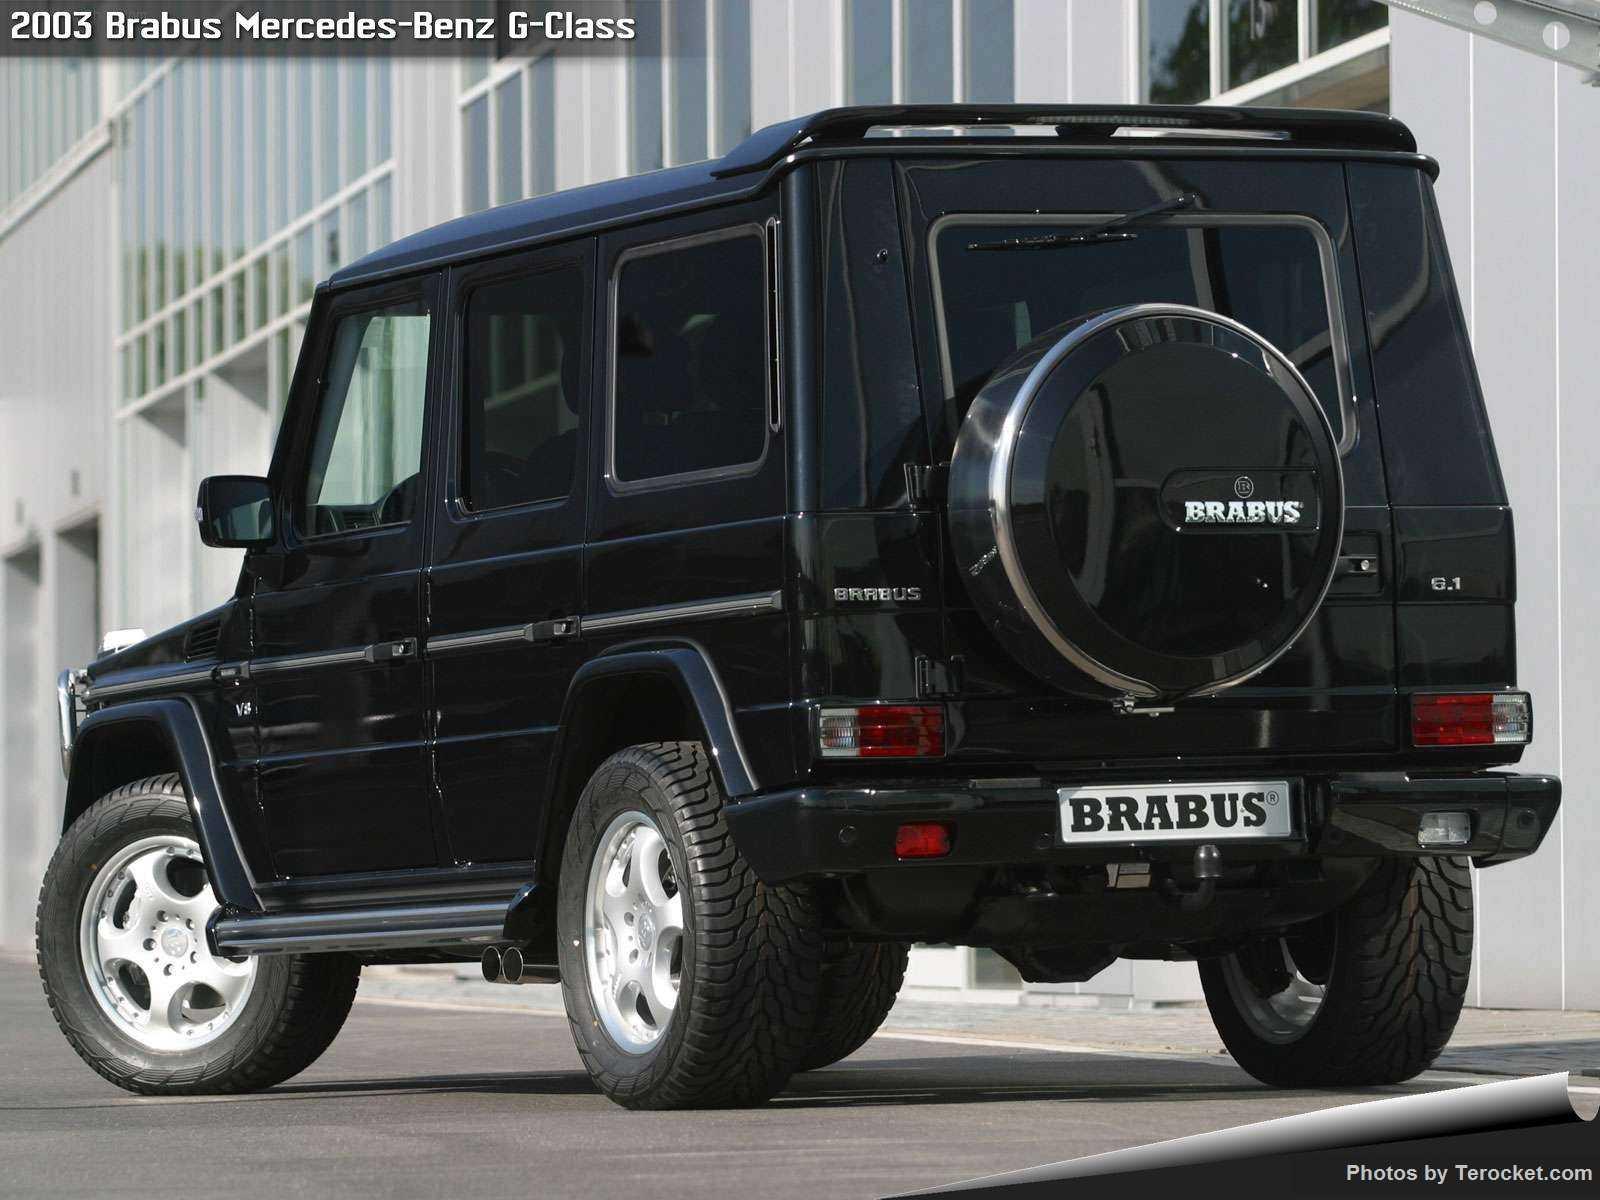 Hình ảnh xe ô tô Brabus Mercedes-Benz G V12 Biturbo 2003 & nội ngoại thất